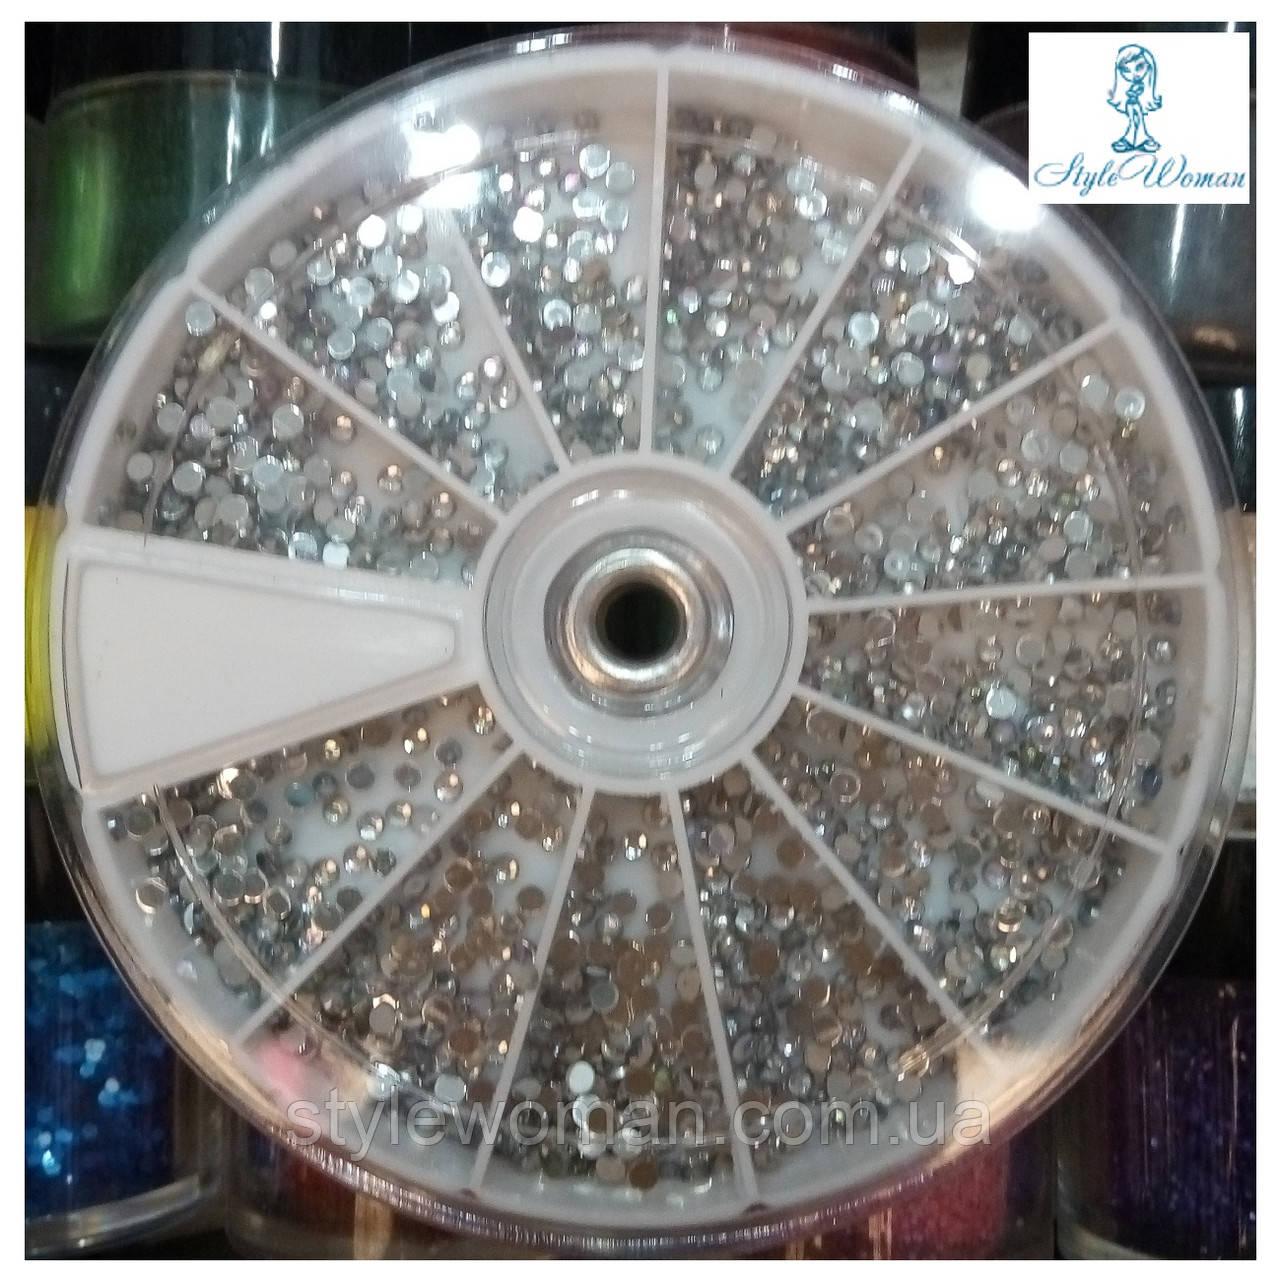 Стразы пластиковые в большой карусели для дизайна ногтей круглые серебро